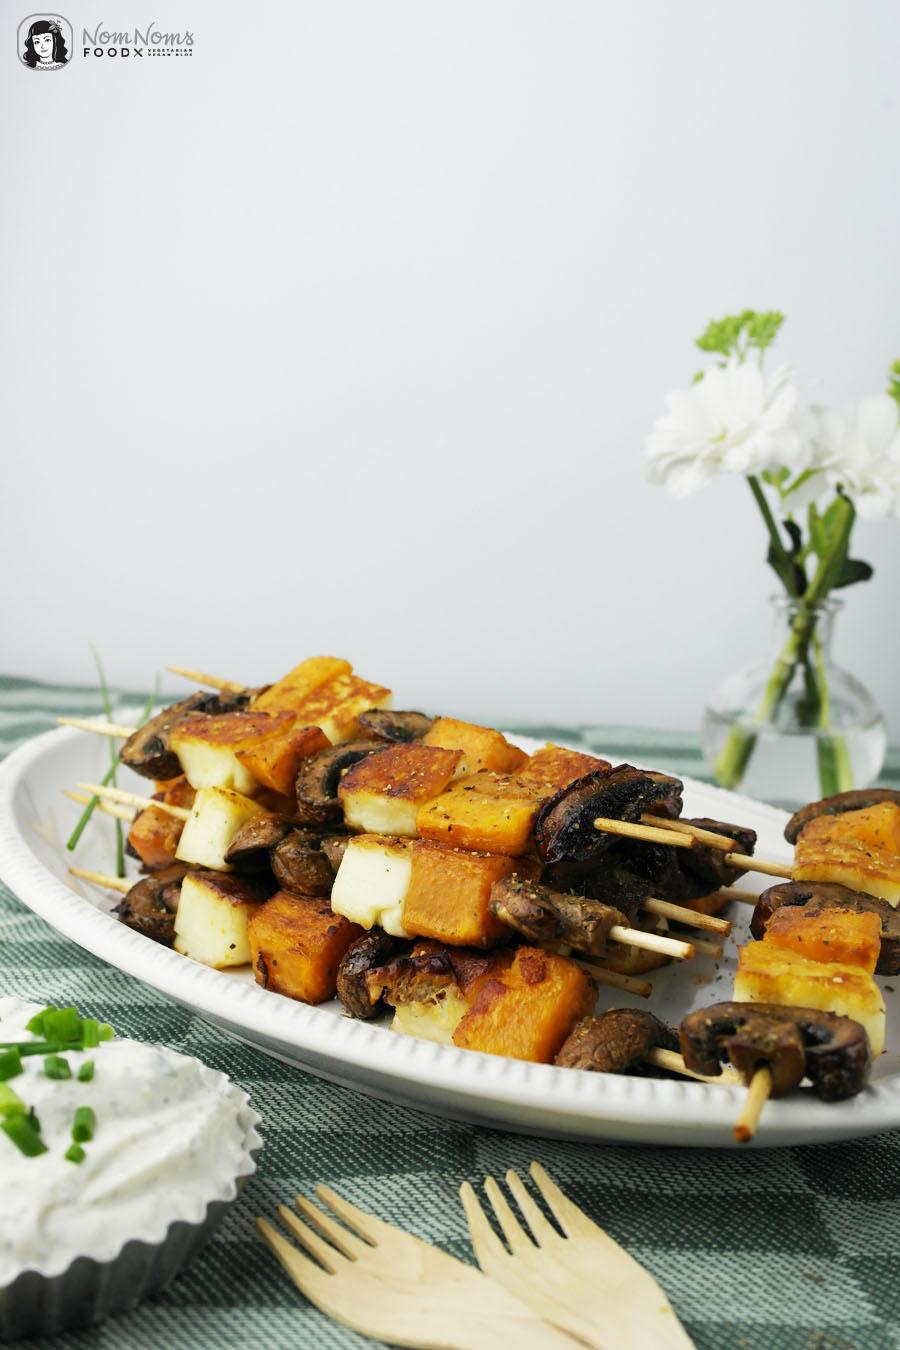 Vegetarisch Grillen: Halloumi-Süßkartoffel-Champignon-Spieße mit würzigem Kräuter-Quark